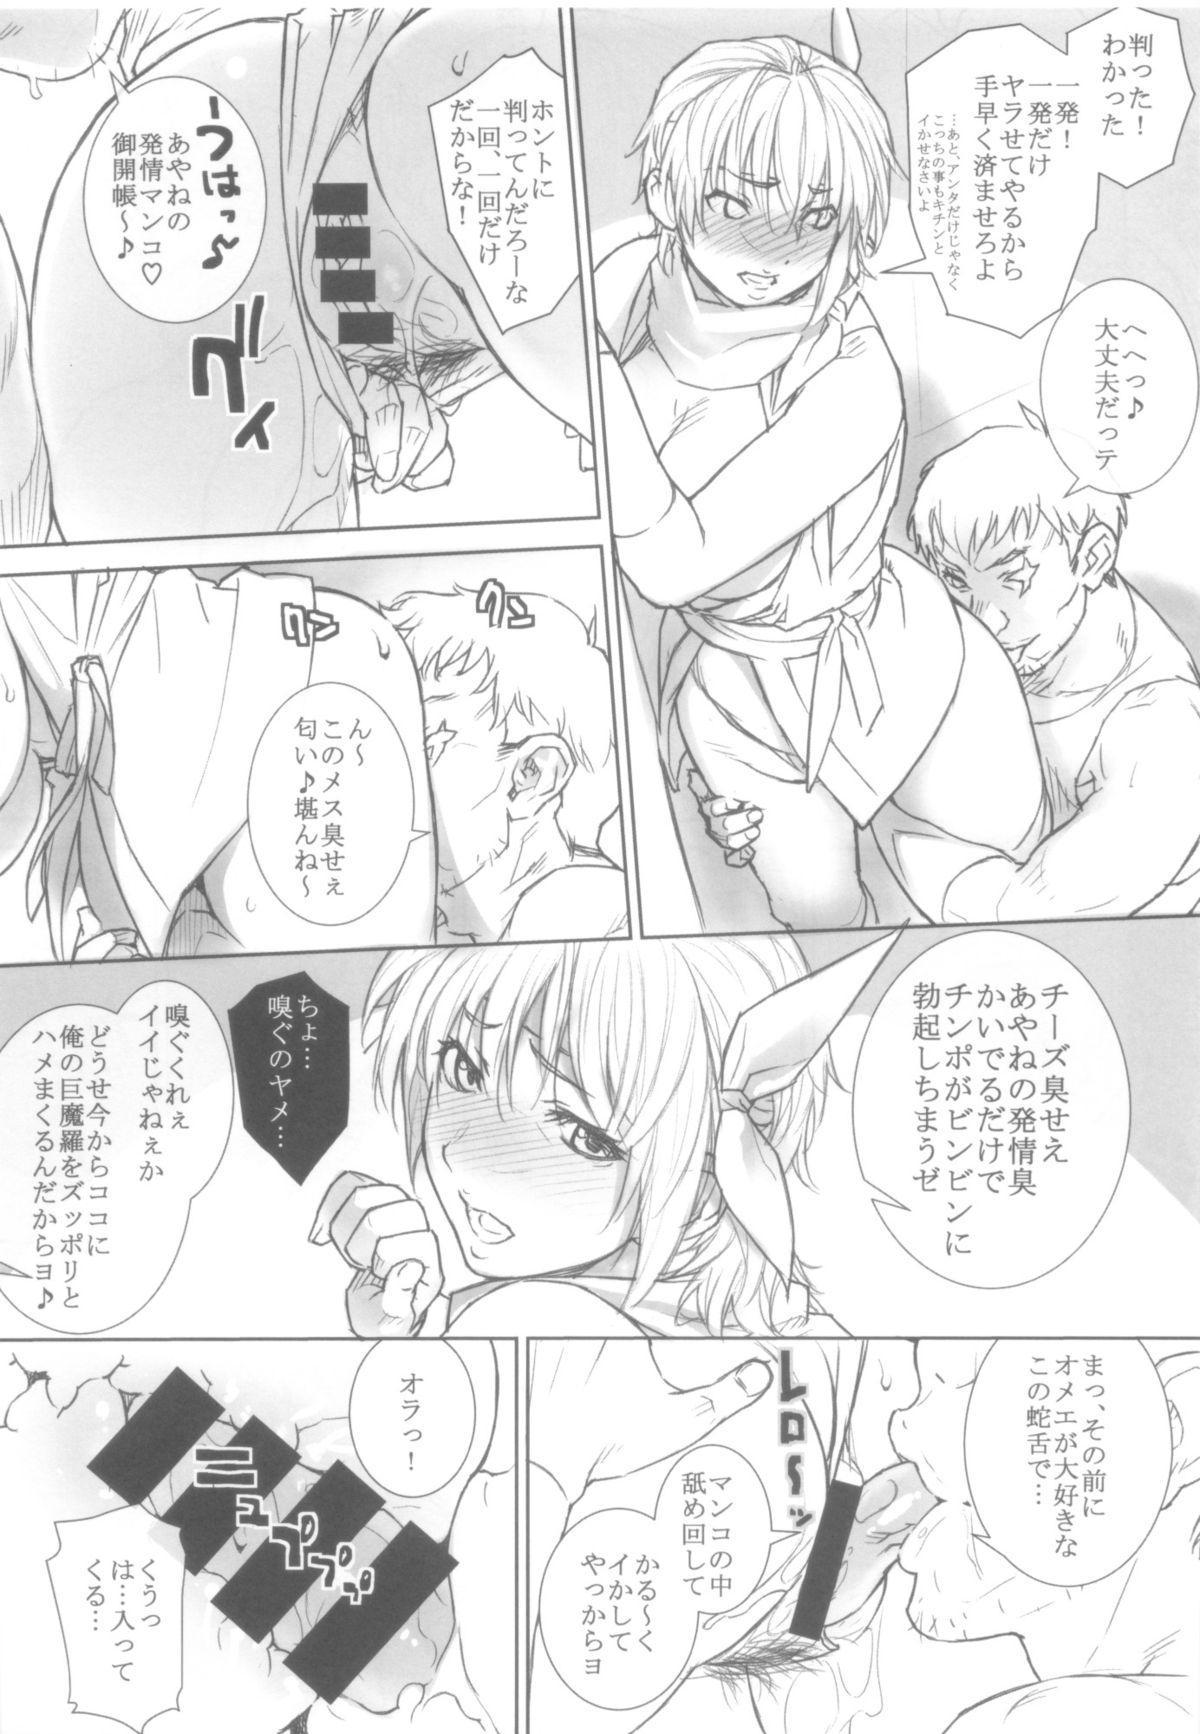 Ayane-chan to Nobetsu Makunashi 5